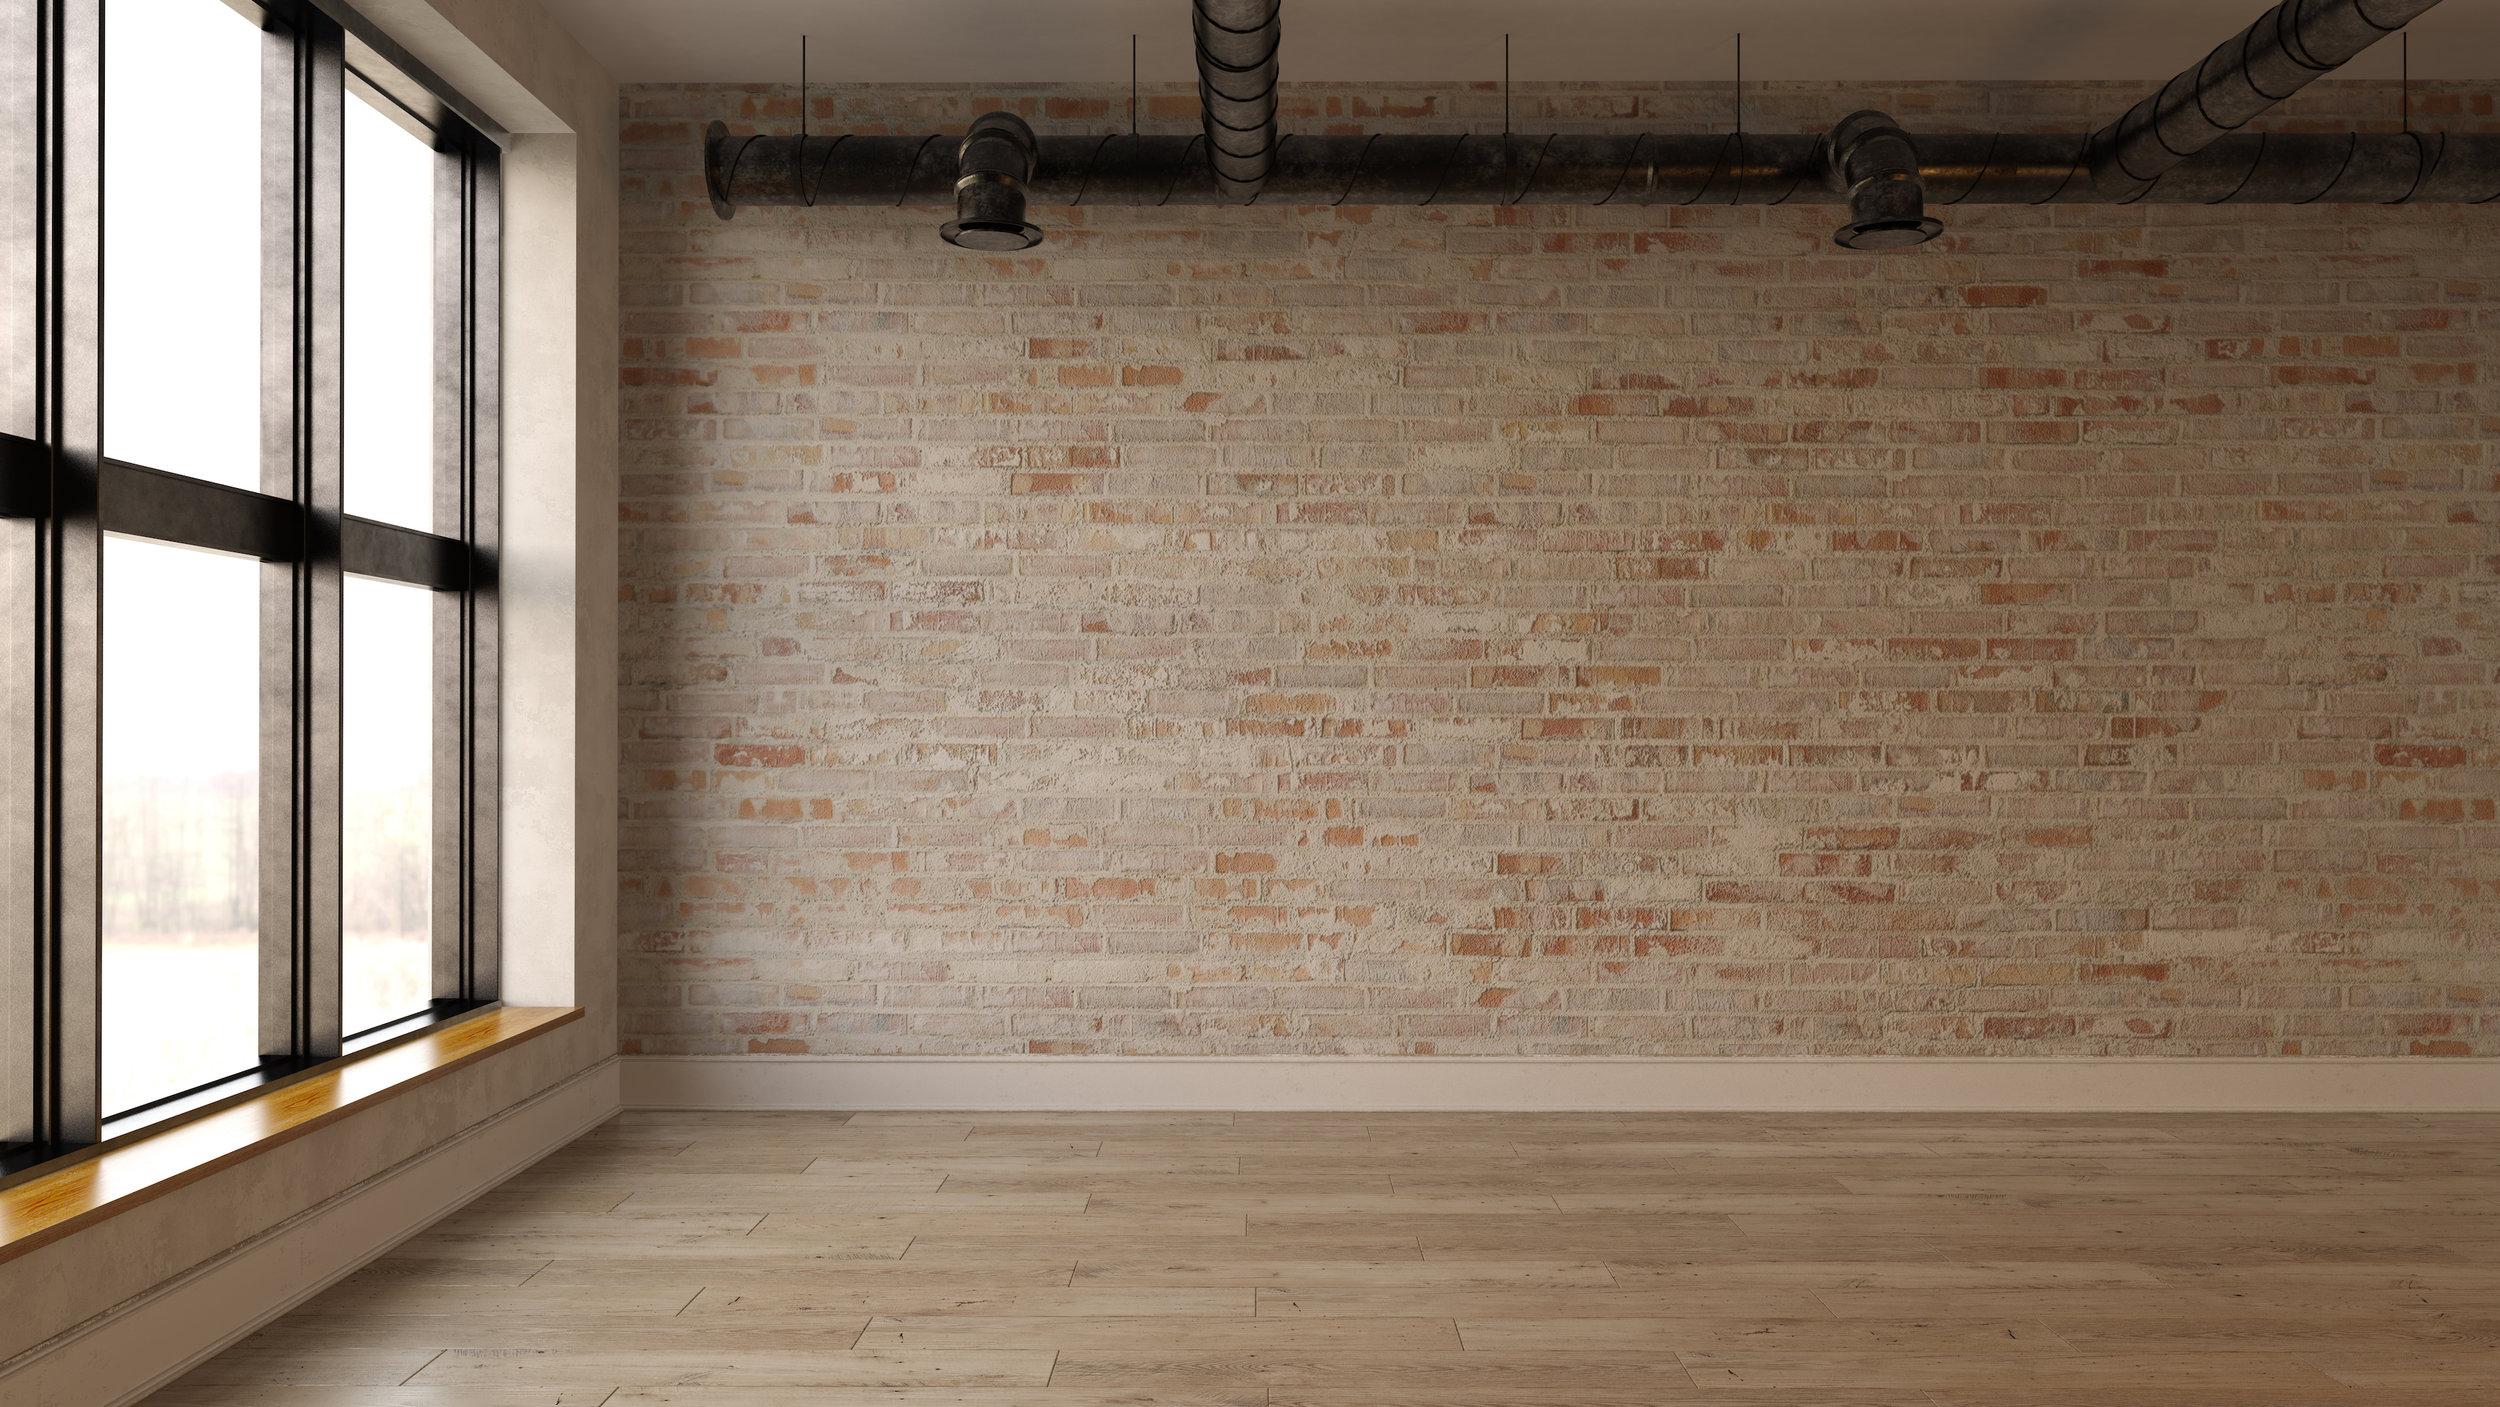 interior-empty-room-3d-rendering-J3NATM6.jpg